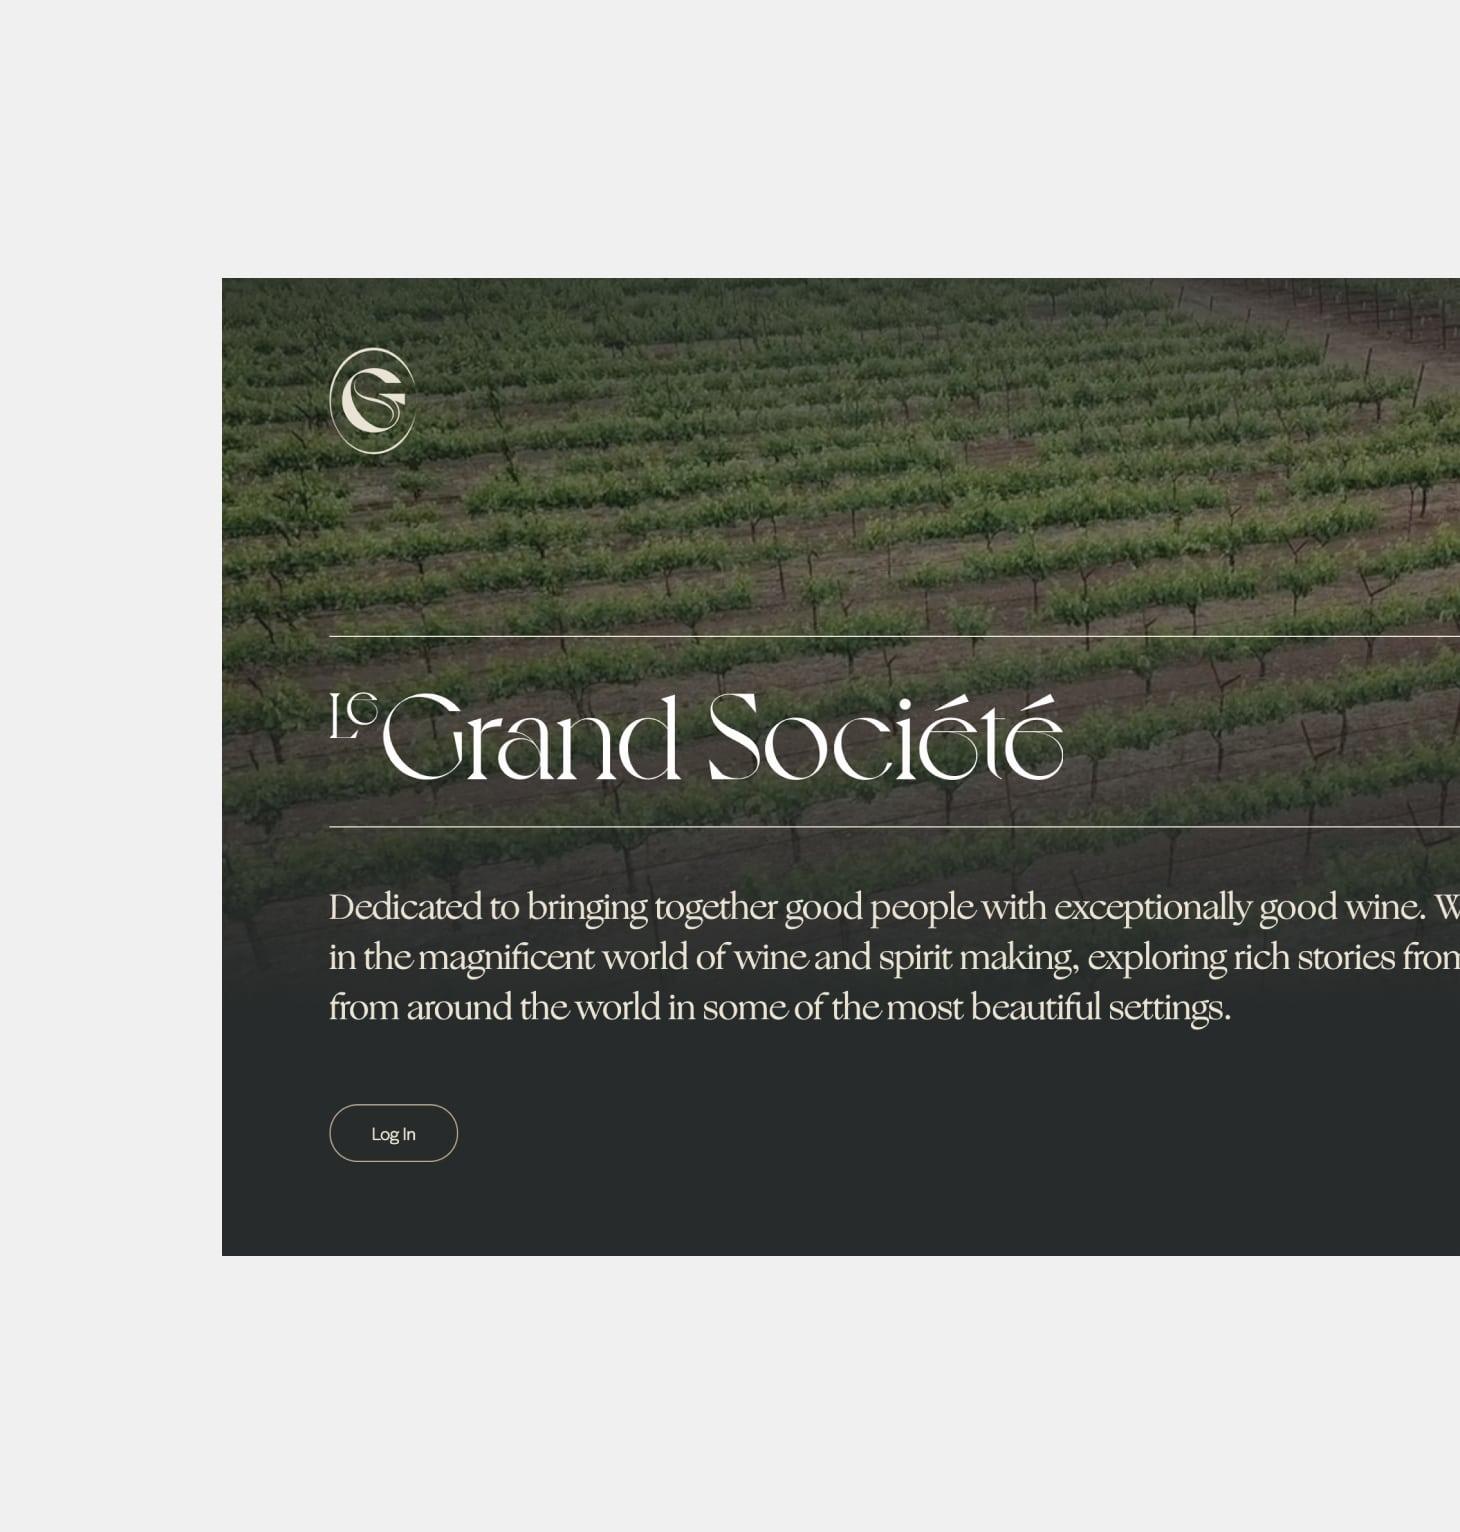 Le Grand Societe